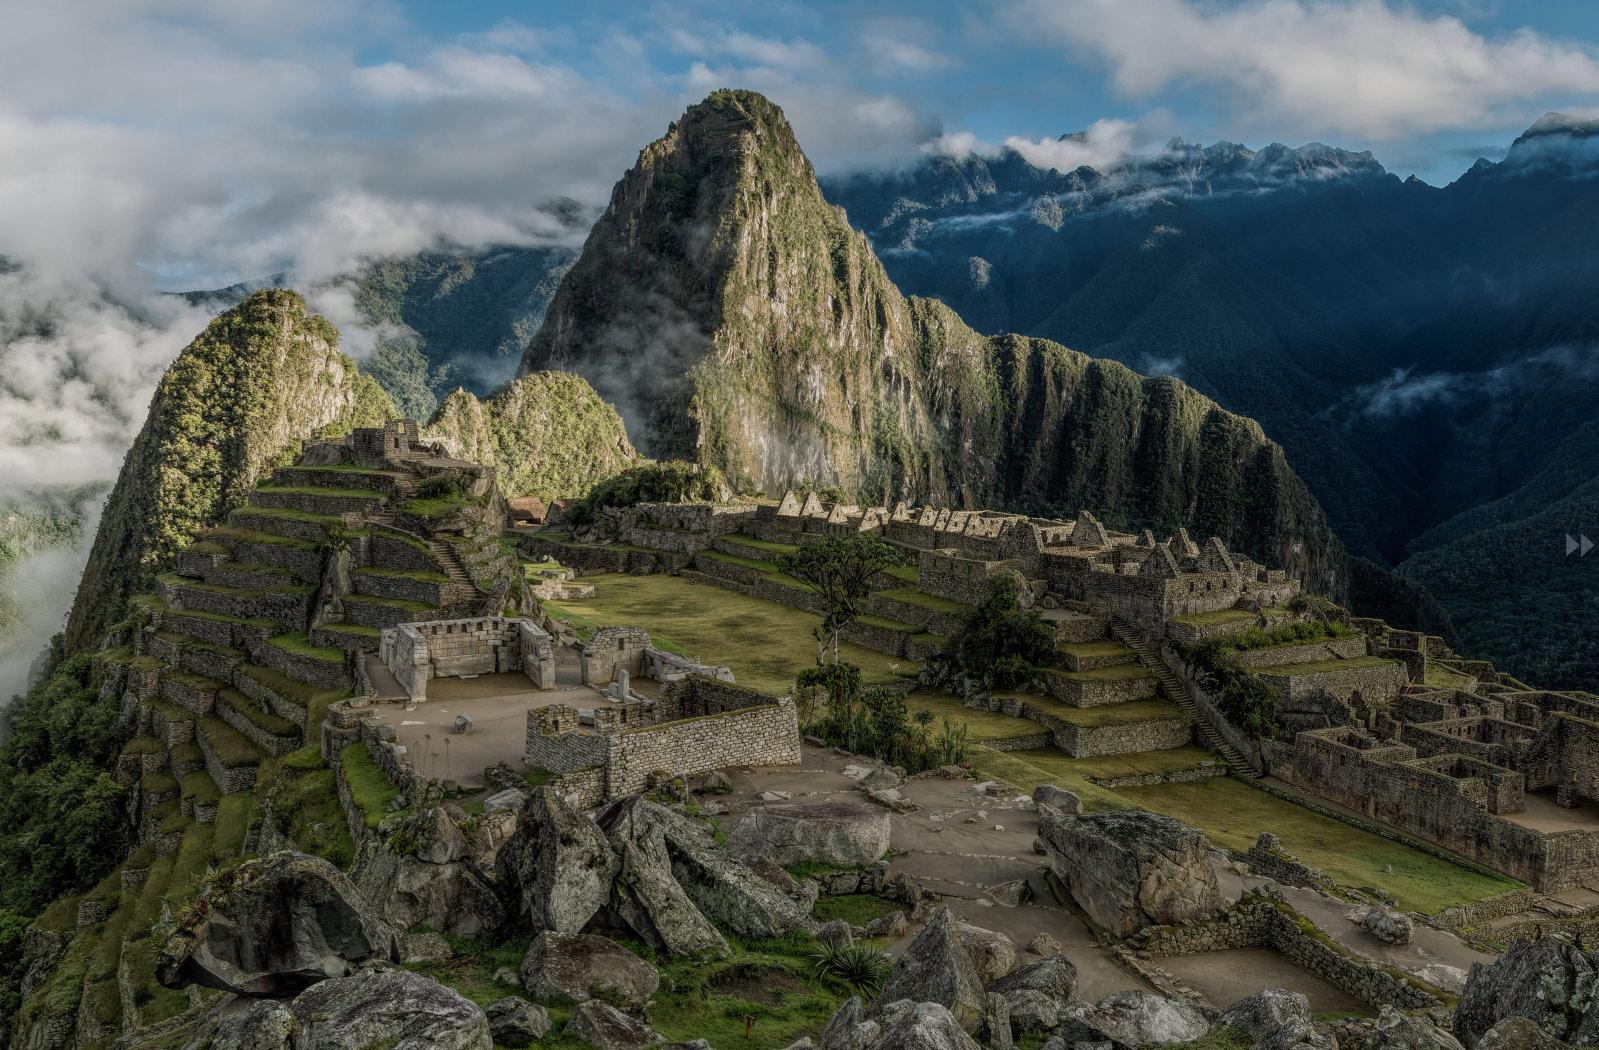 British Airways: Peru 360 VR Experience